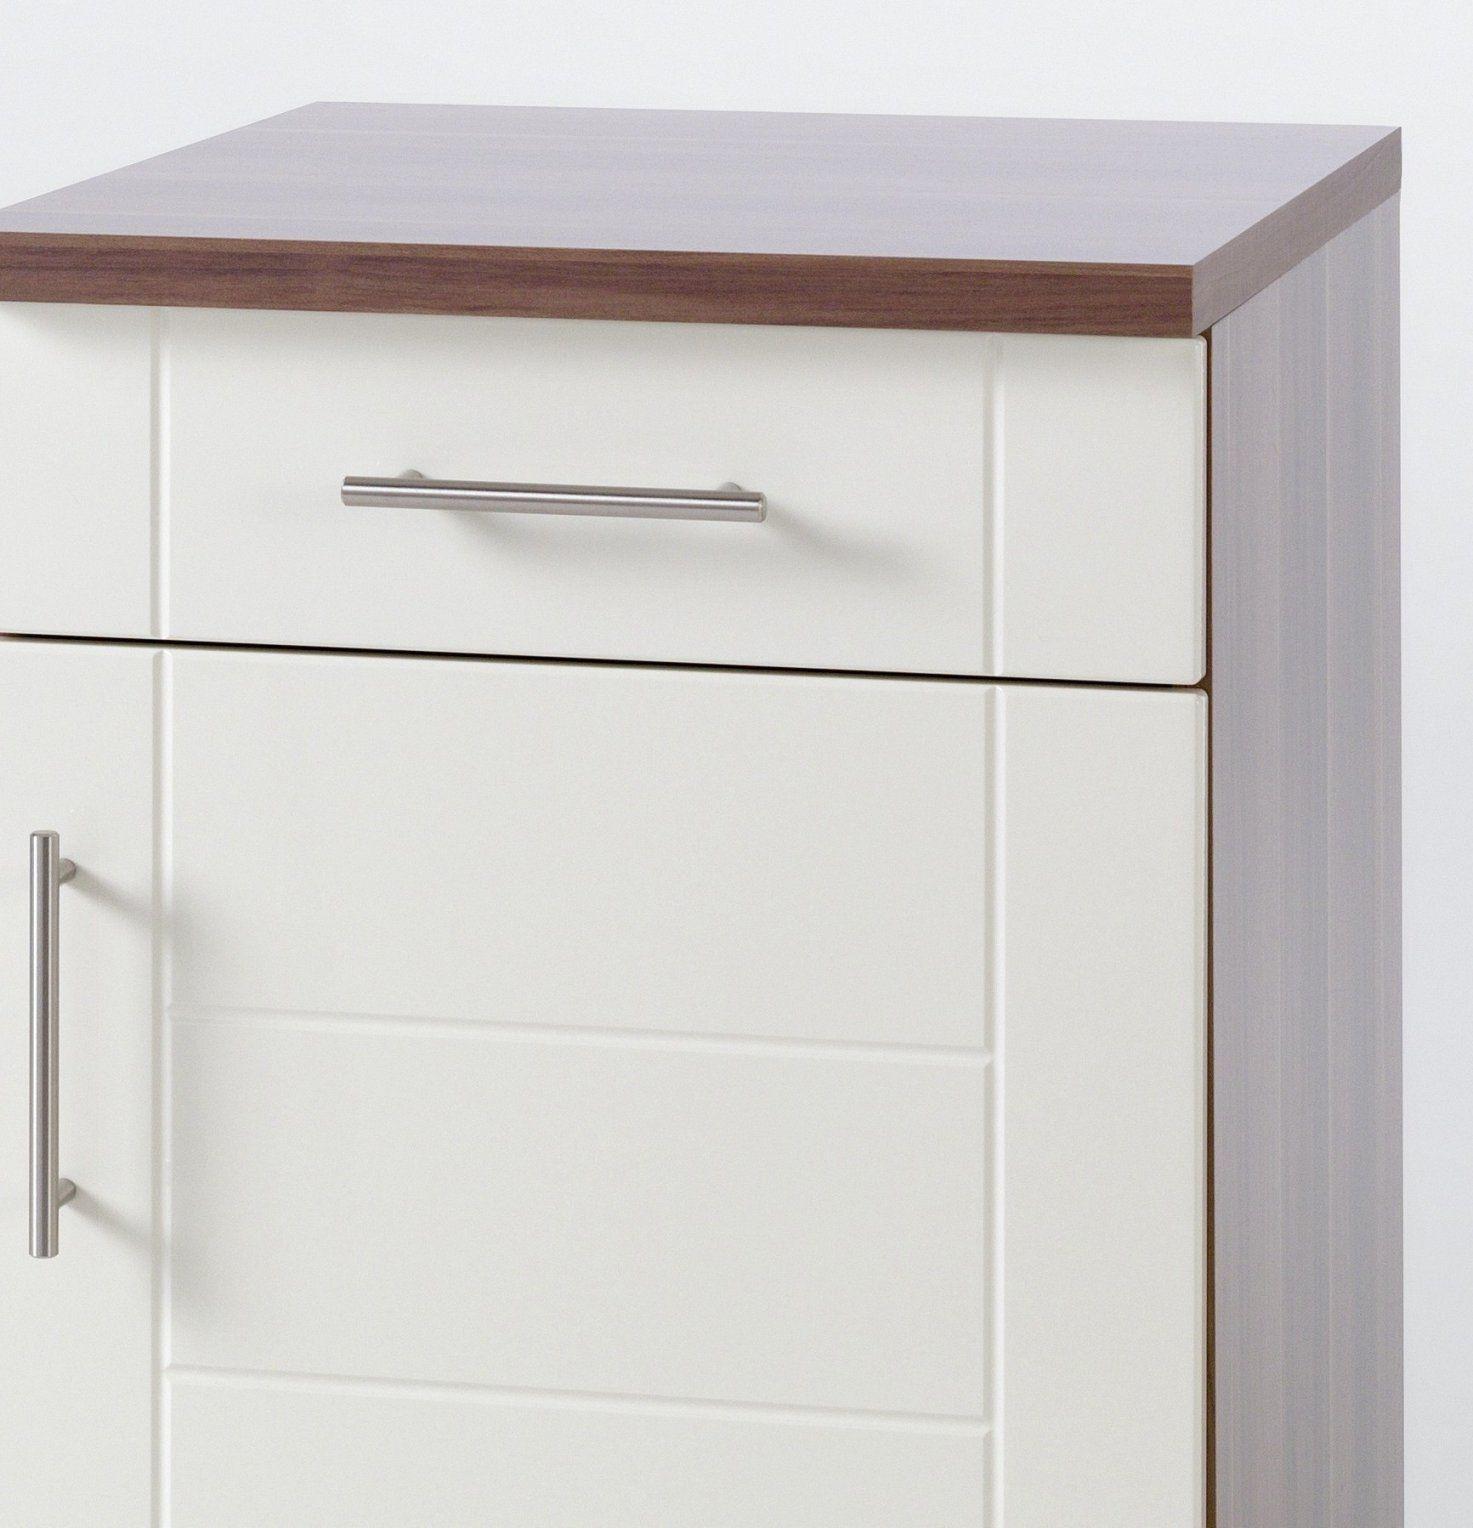 Ikea Unterschrank 50 Cm Ikea Küche Unterschrank 50 Cm von Spülenunterschrank 50 Cm Ikea Photo